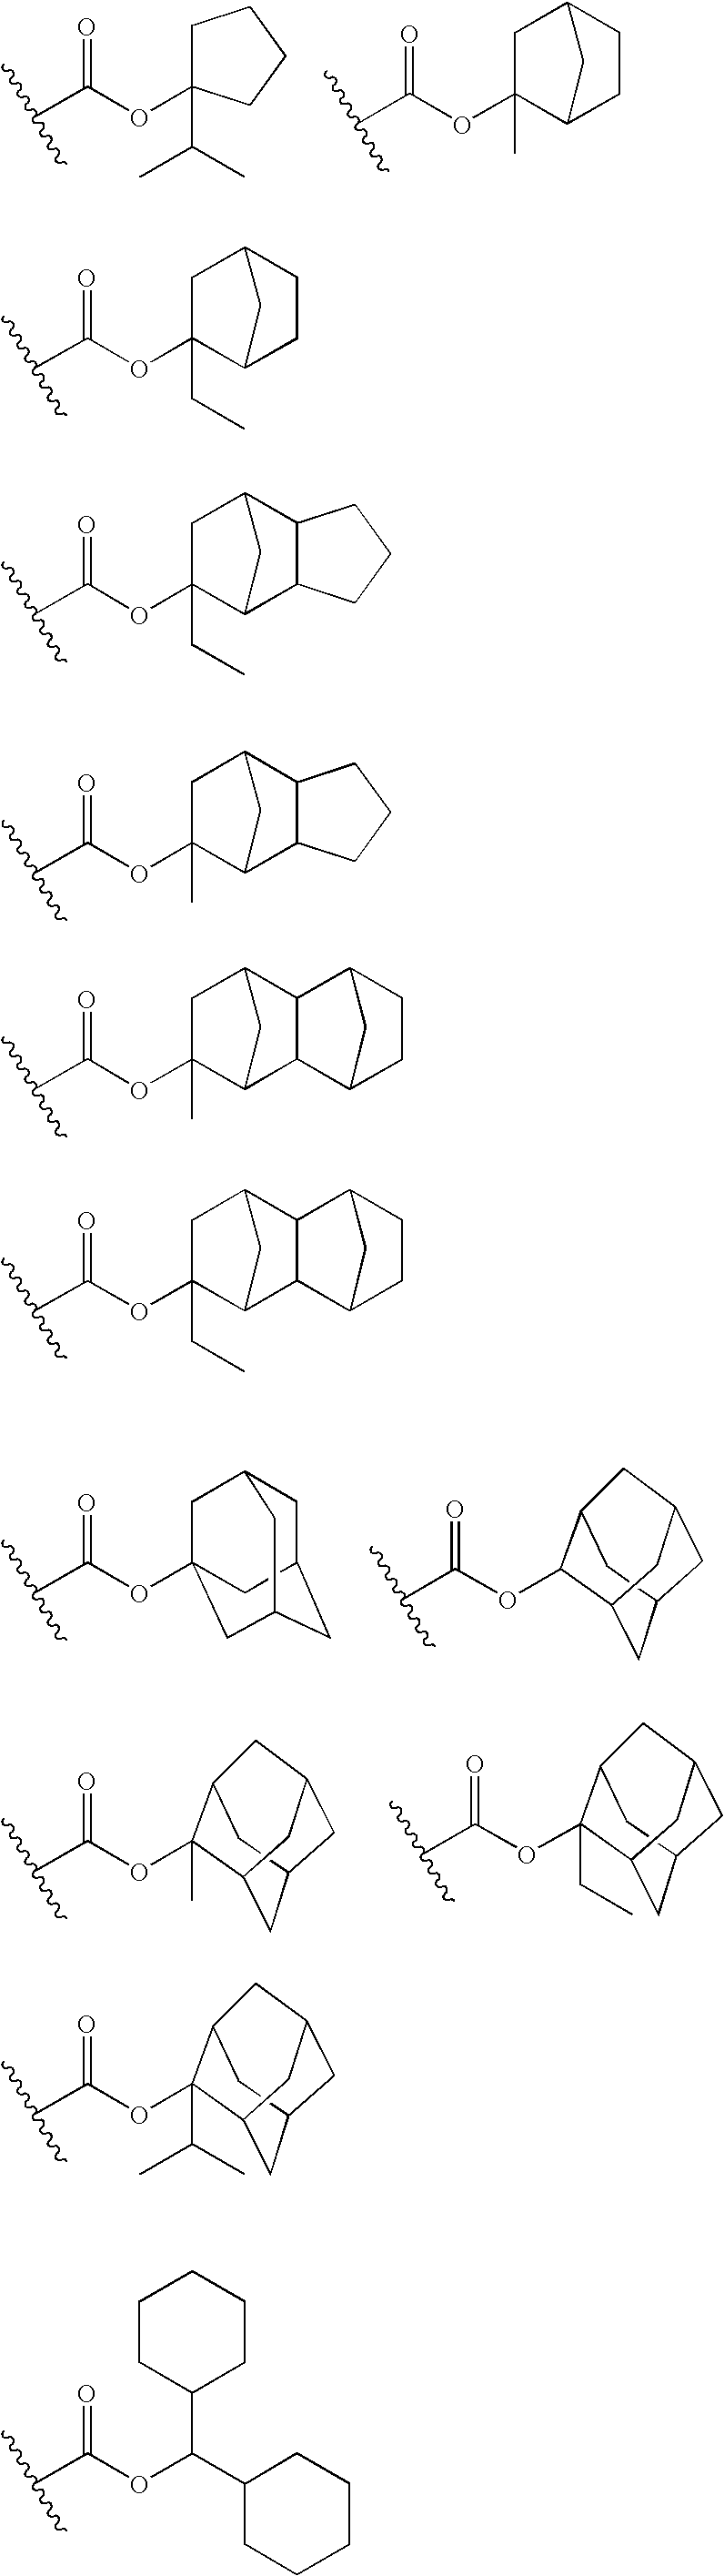 Figure US08637229-20140128-C00092